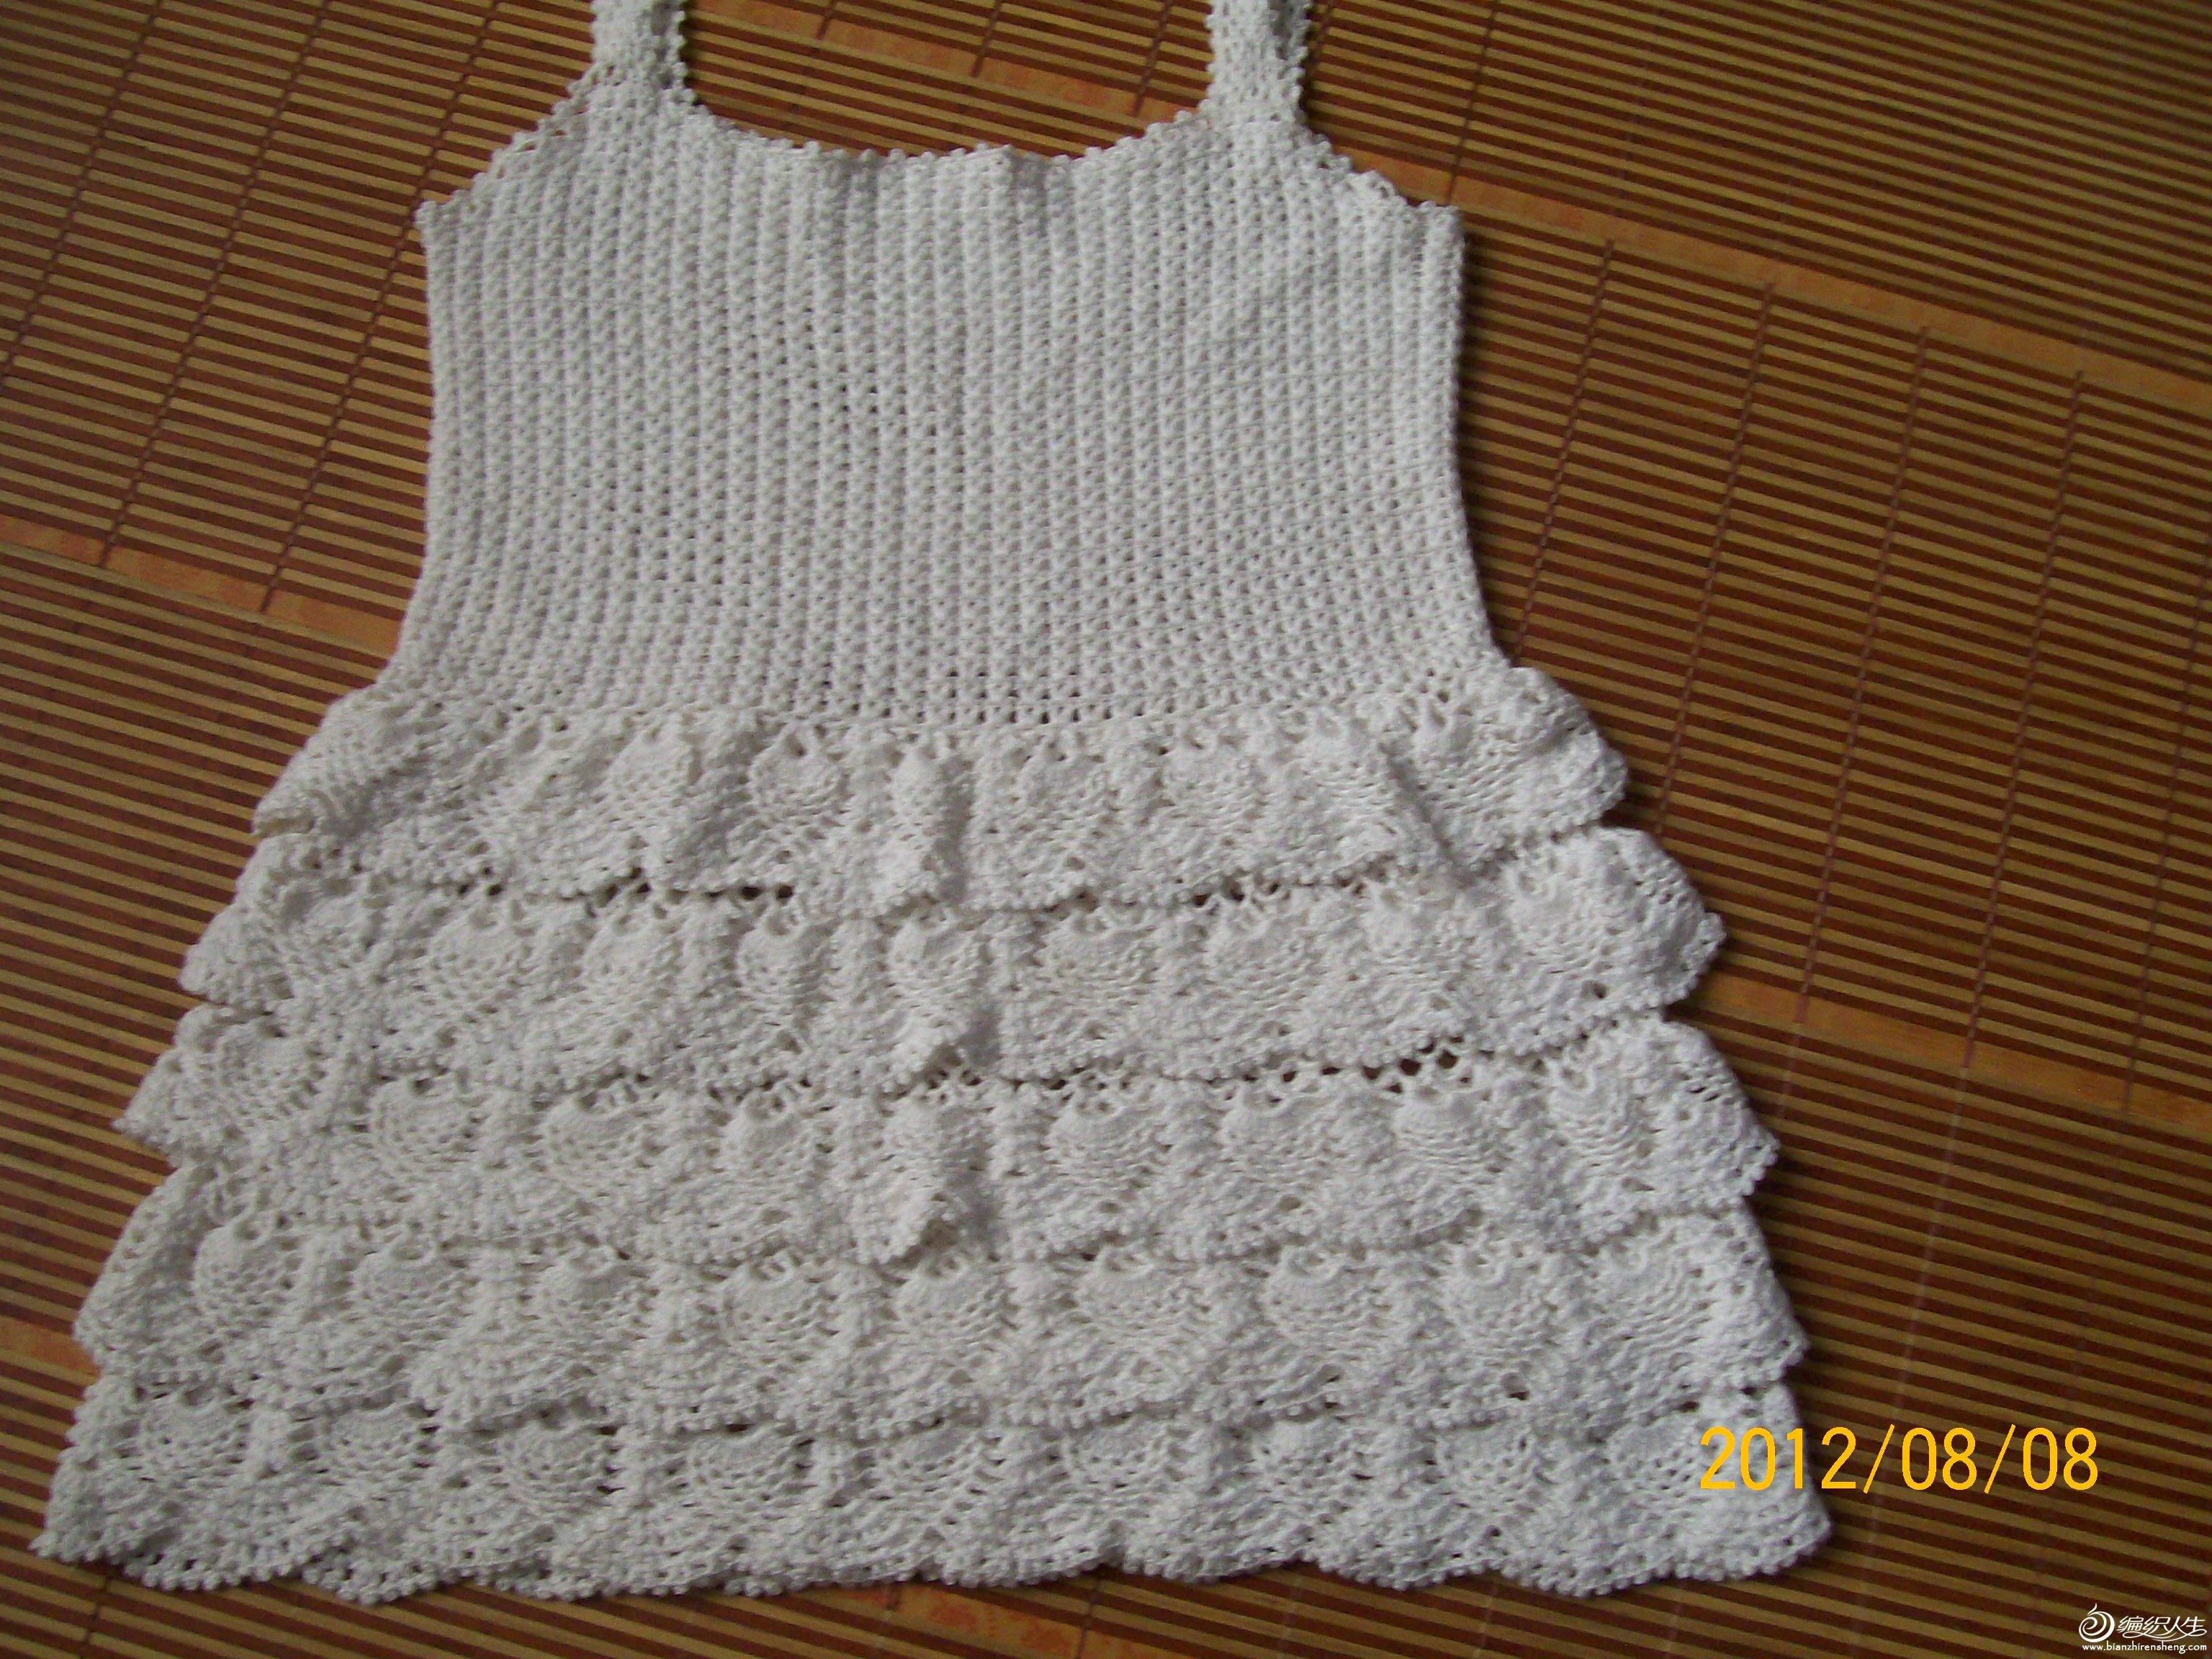 4岁女童蛋糕裙 61  宝宝蛋糕裙 61  初学钩针成品集 :葱 菠萝衣